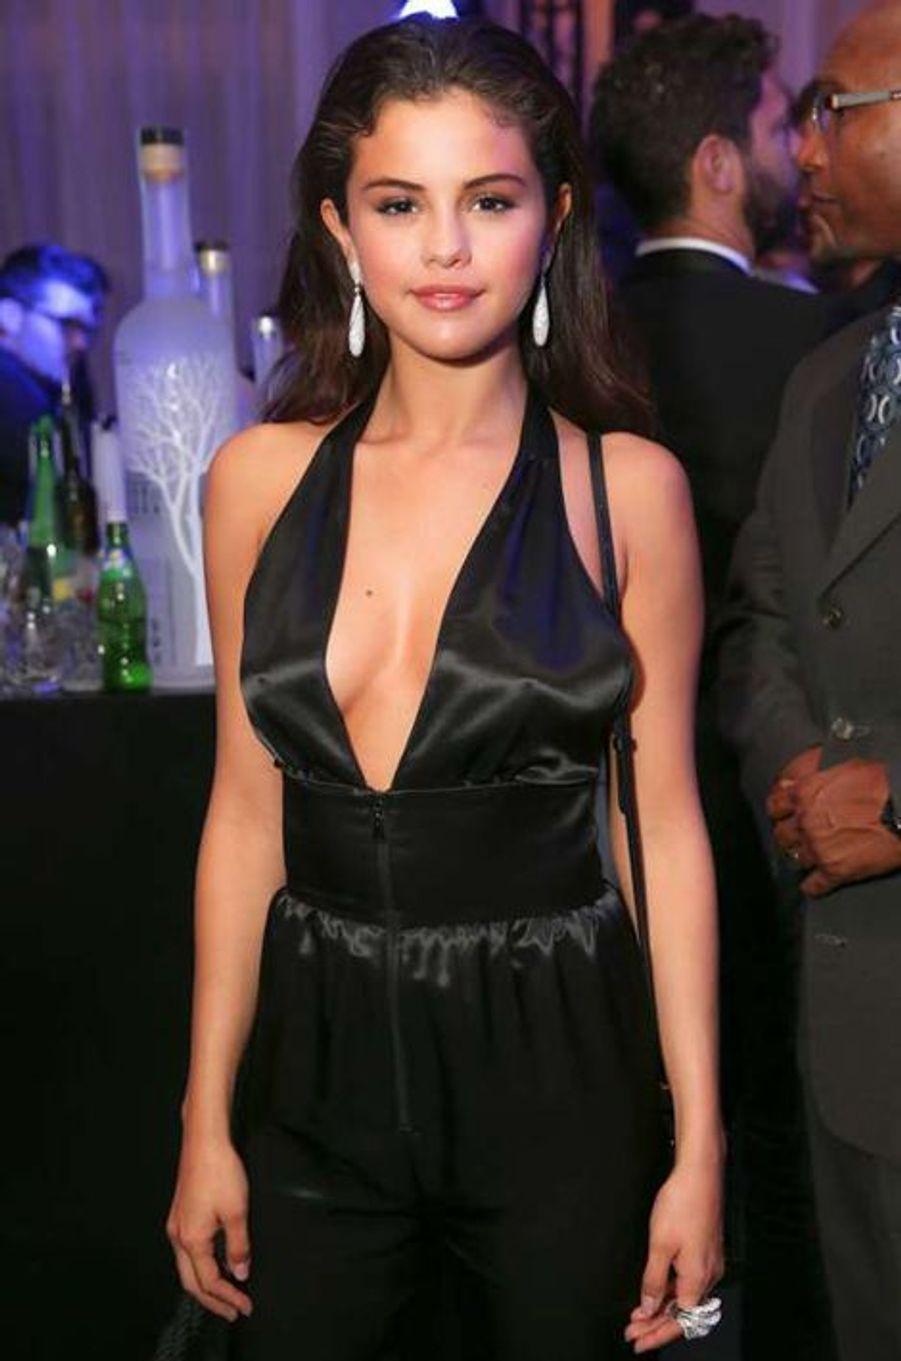 Selena Gomez à la soirée CR Fashion Book organisée à Paris le mardi 30 septembre 2014